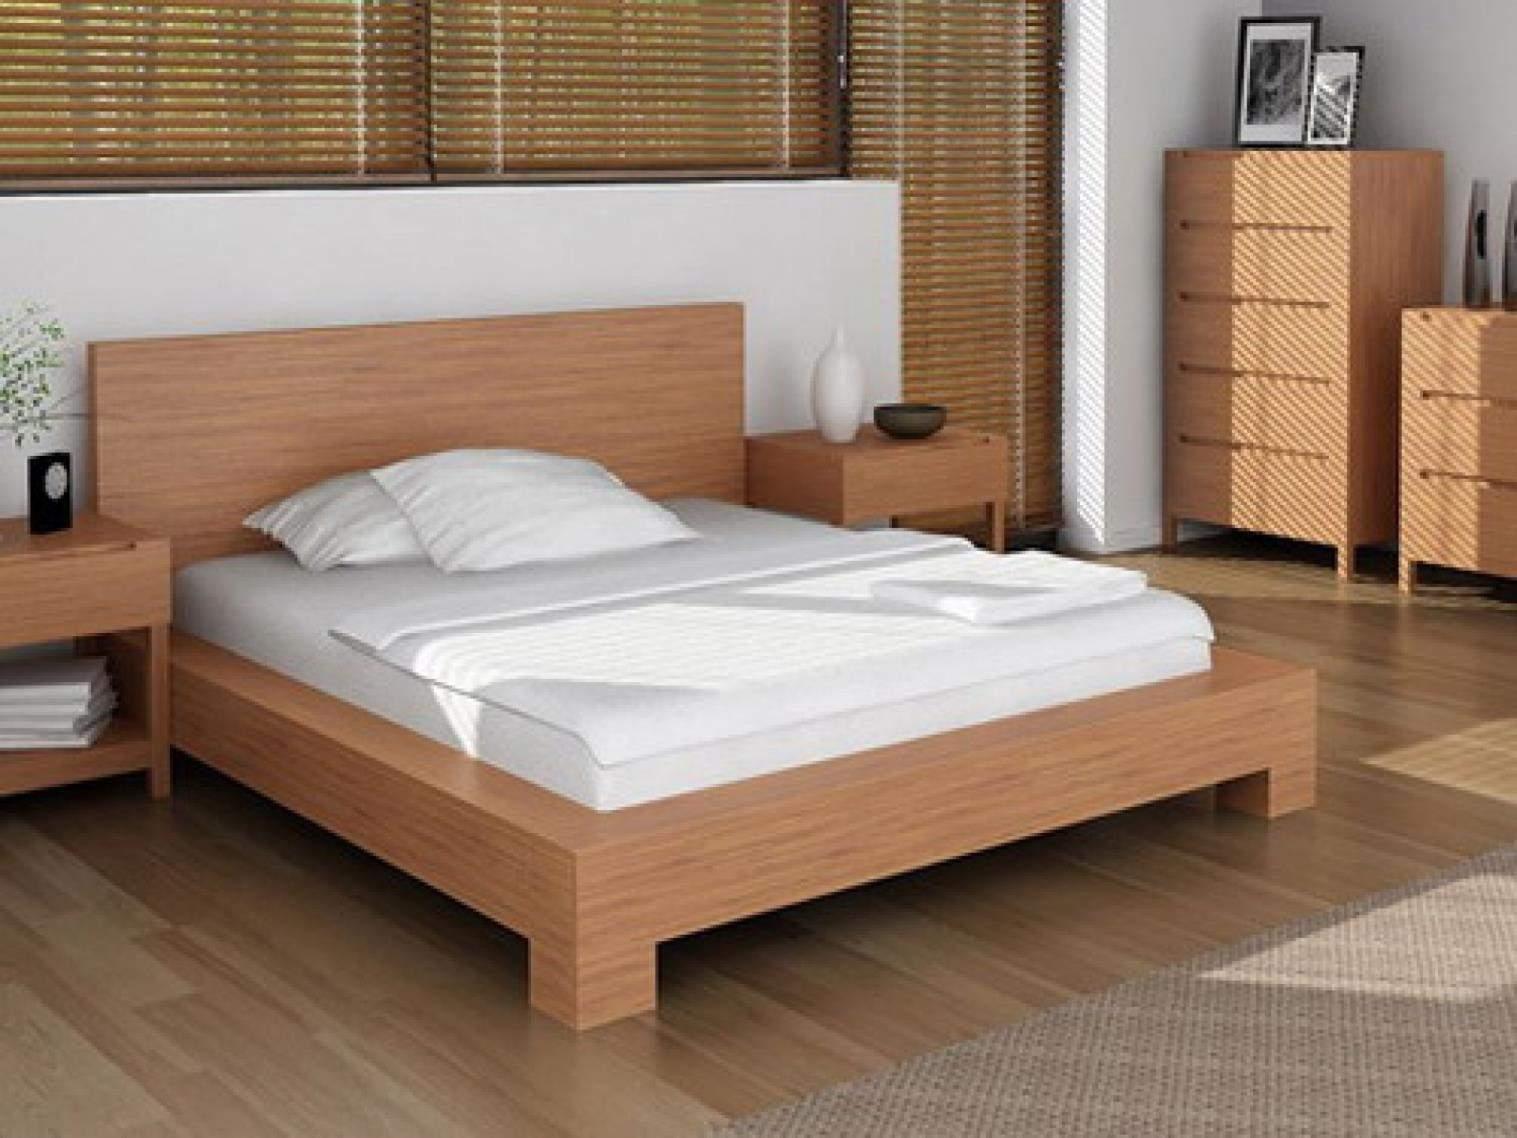 Mẫu giường ngủ Hàn Quốc – TC14168